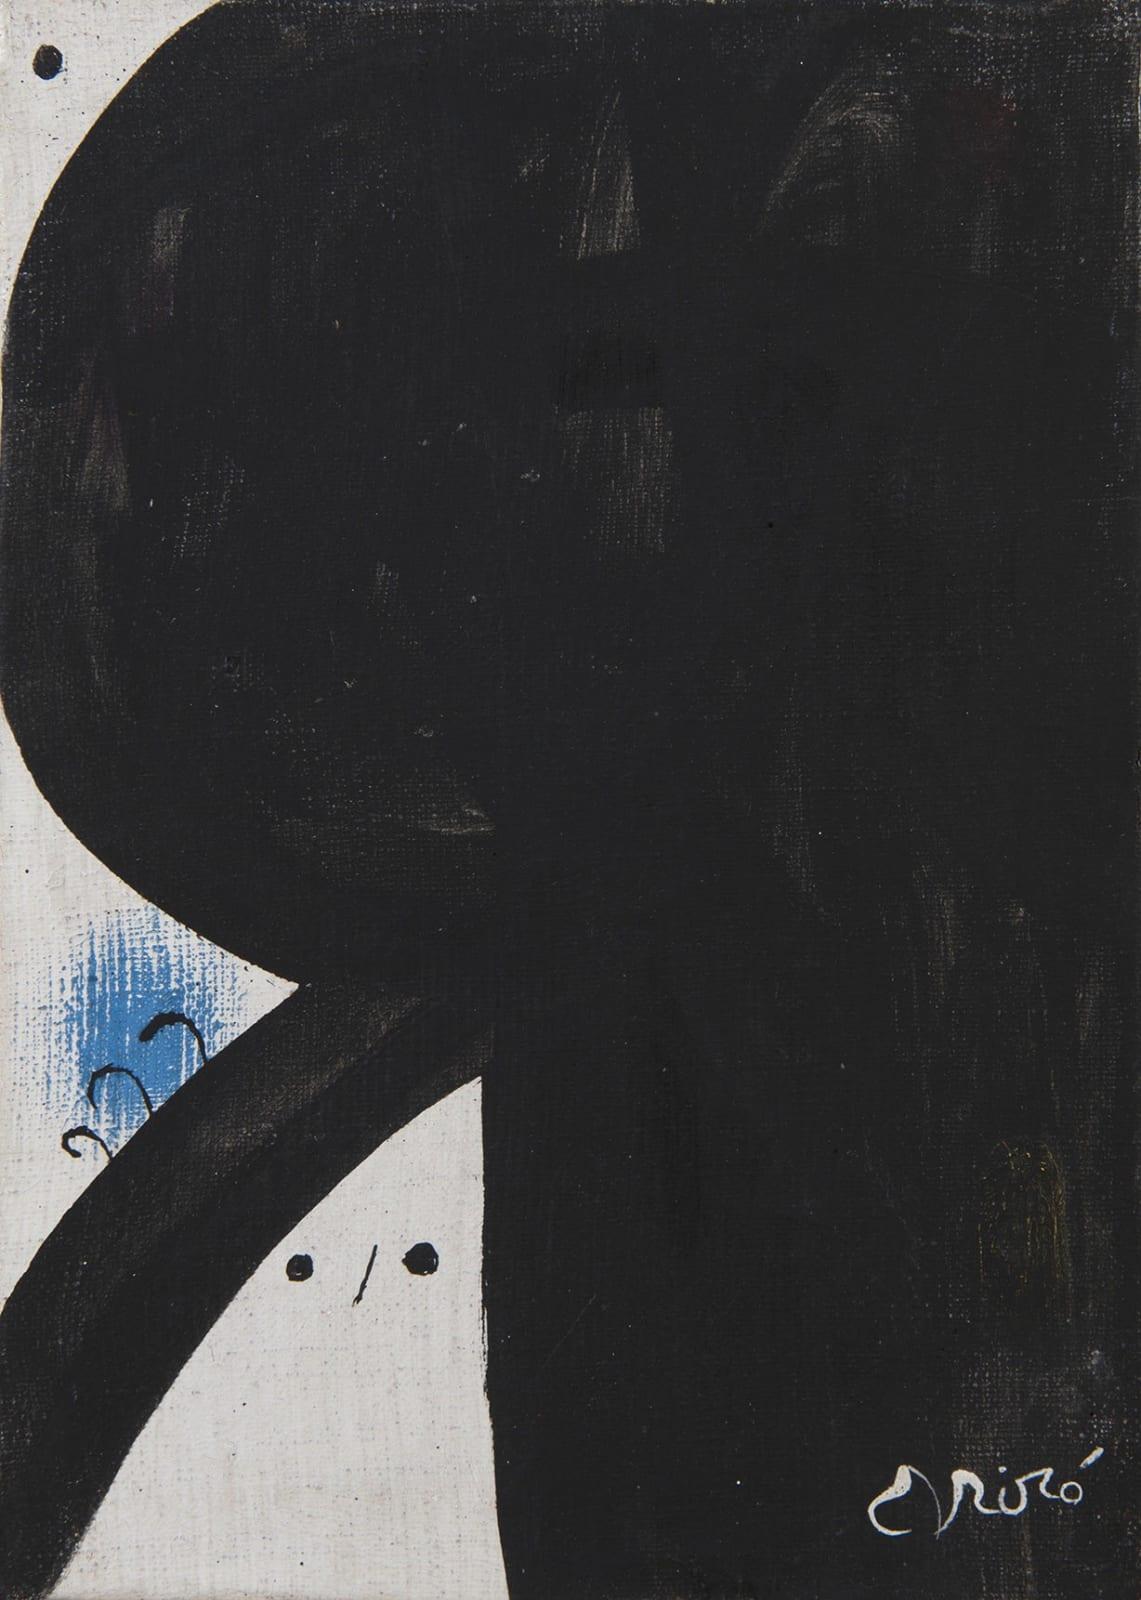 JOAN MIRO, Femme aux trois cheveux, constellation, 26 juillet 1976